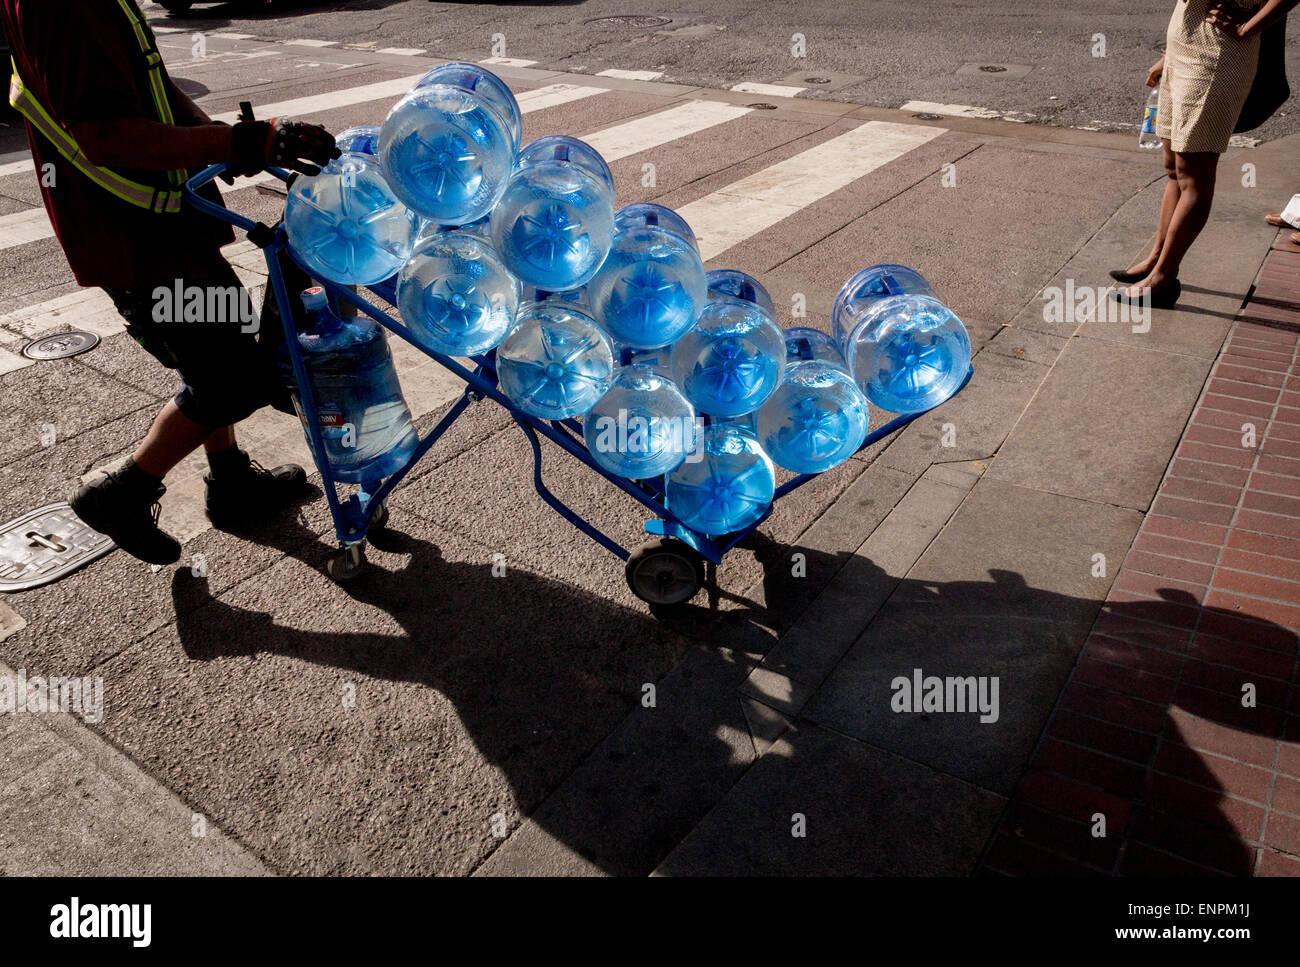 Una persona entrega un carro de ruedas de agua embotellada en una calle de San Francisco. Imagen De Stock